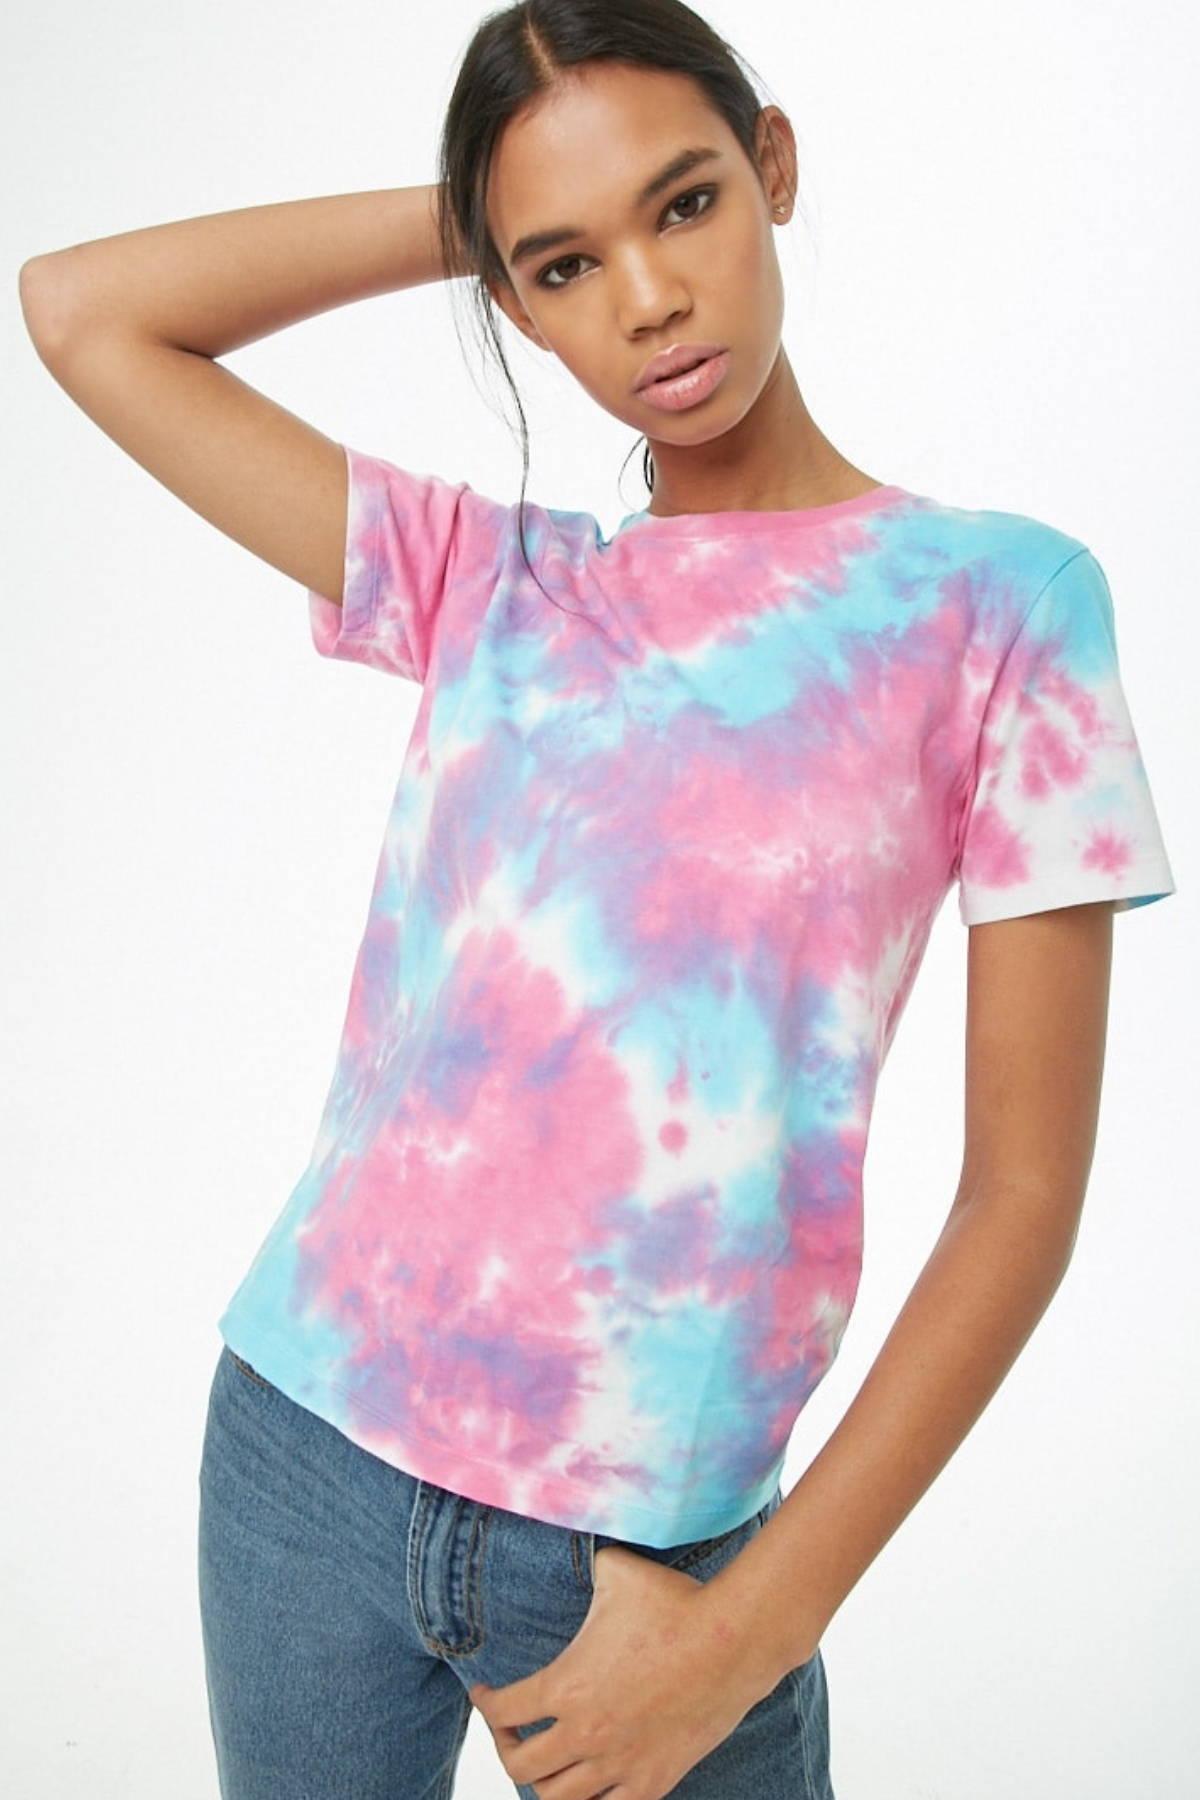 simple tie-dye tee shirt.